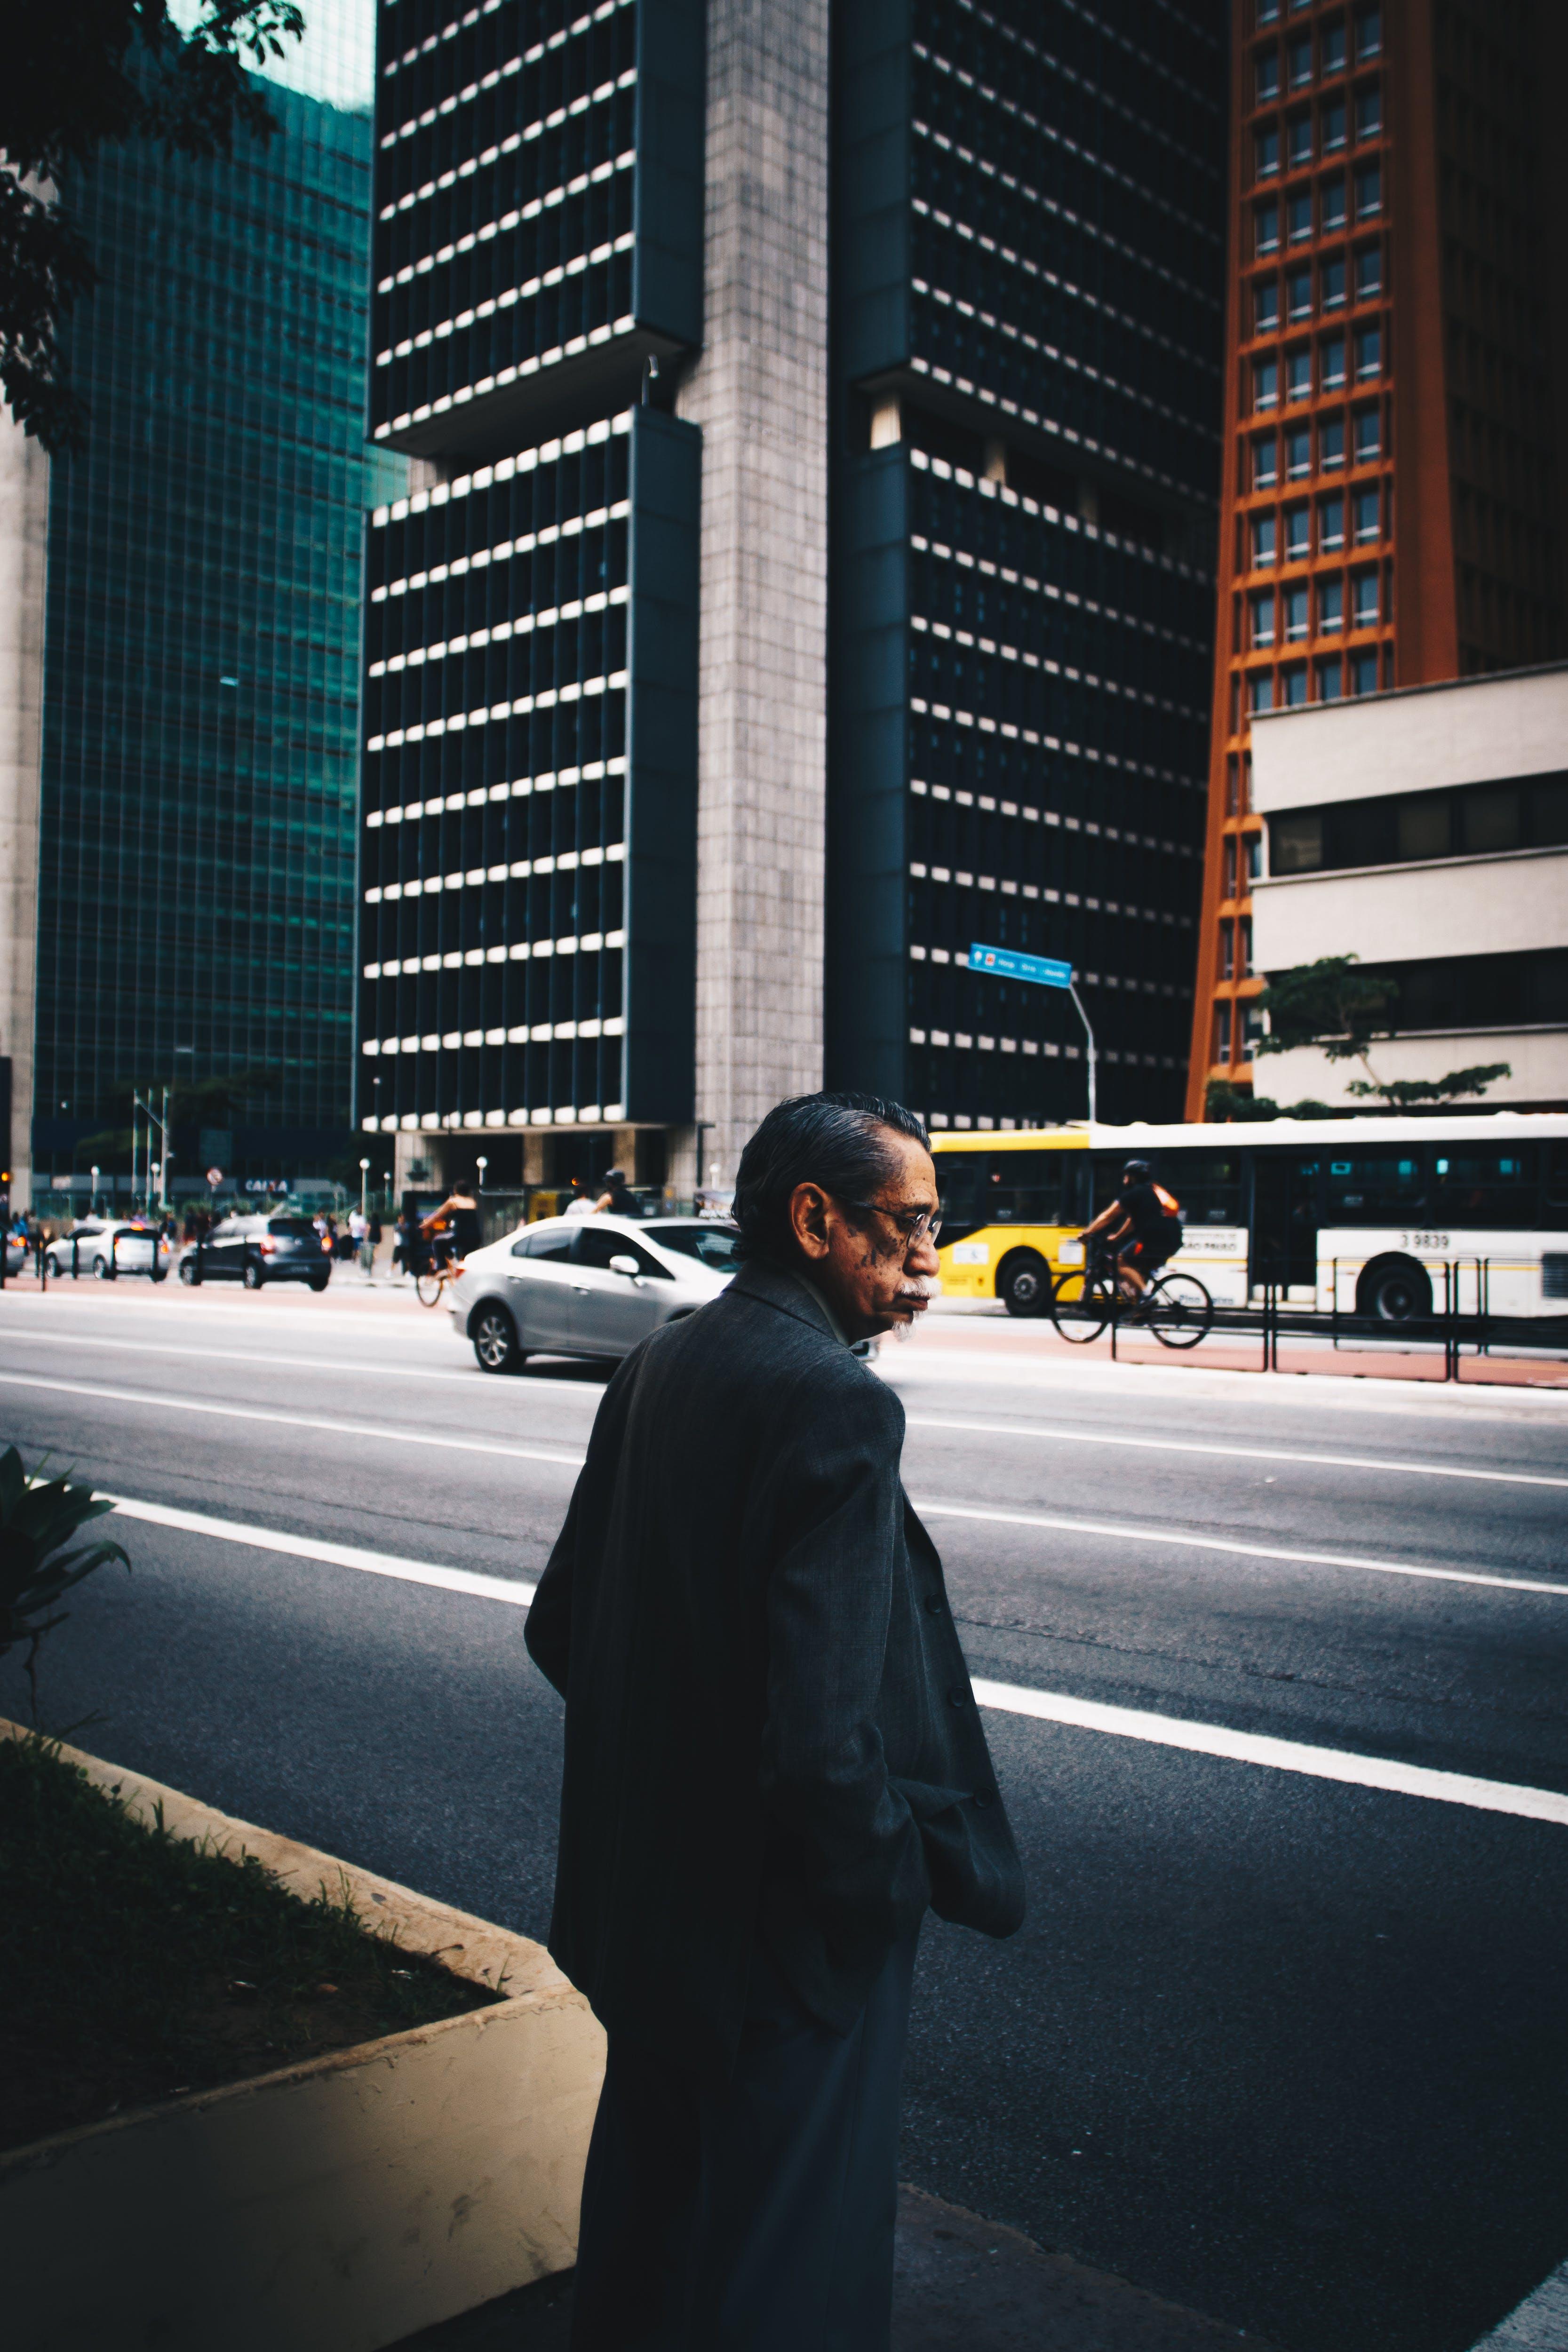 architektur, asiatischer mann, auto